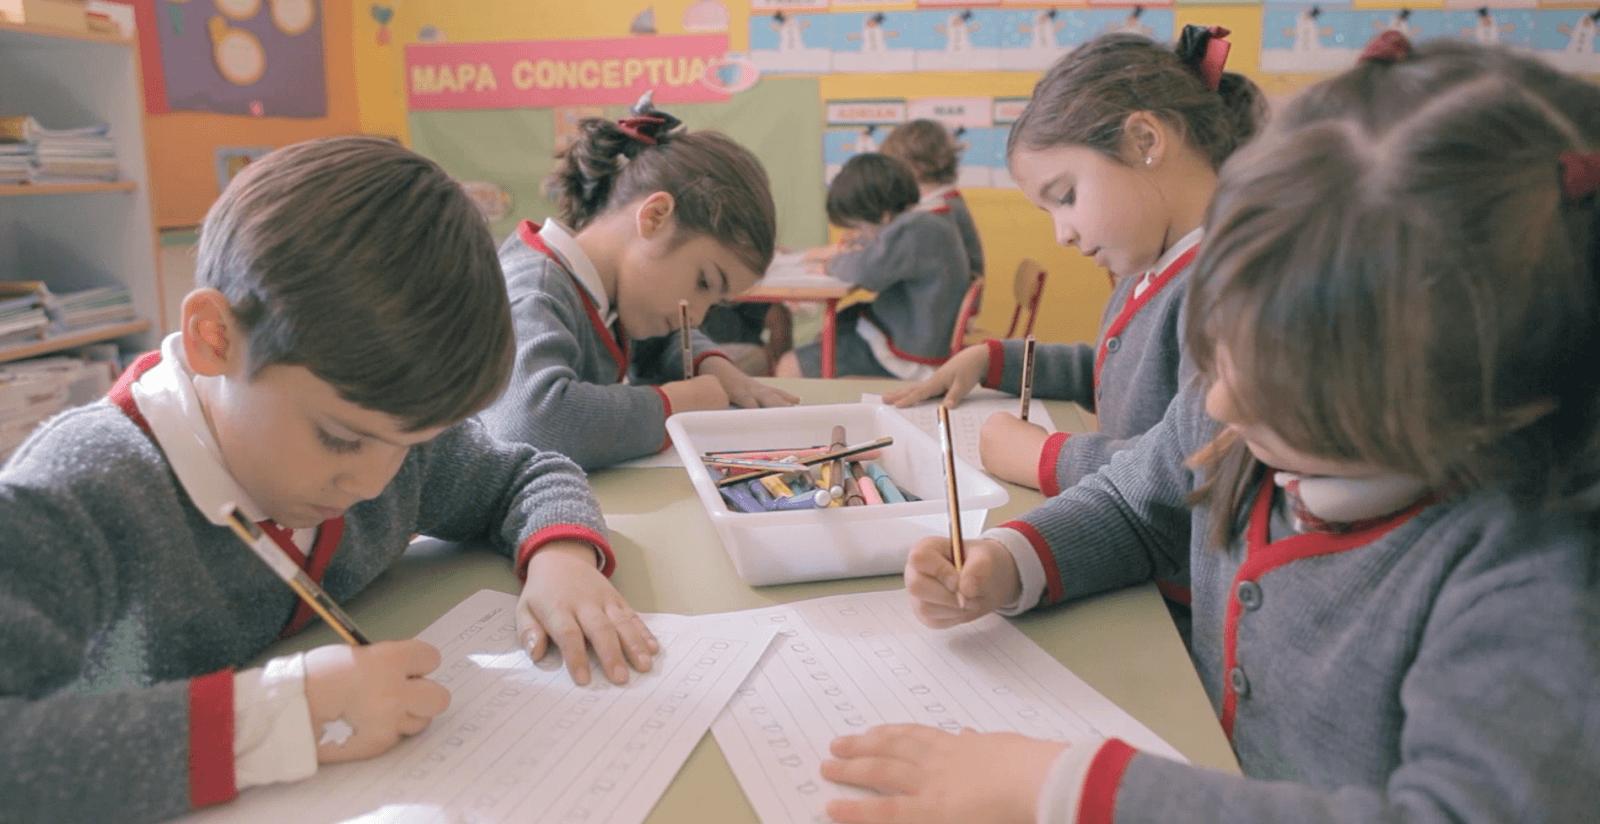 Niños trabajando en clase